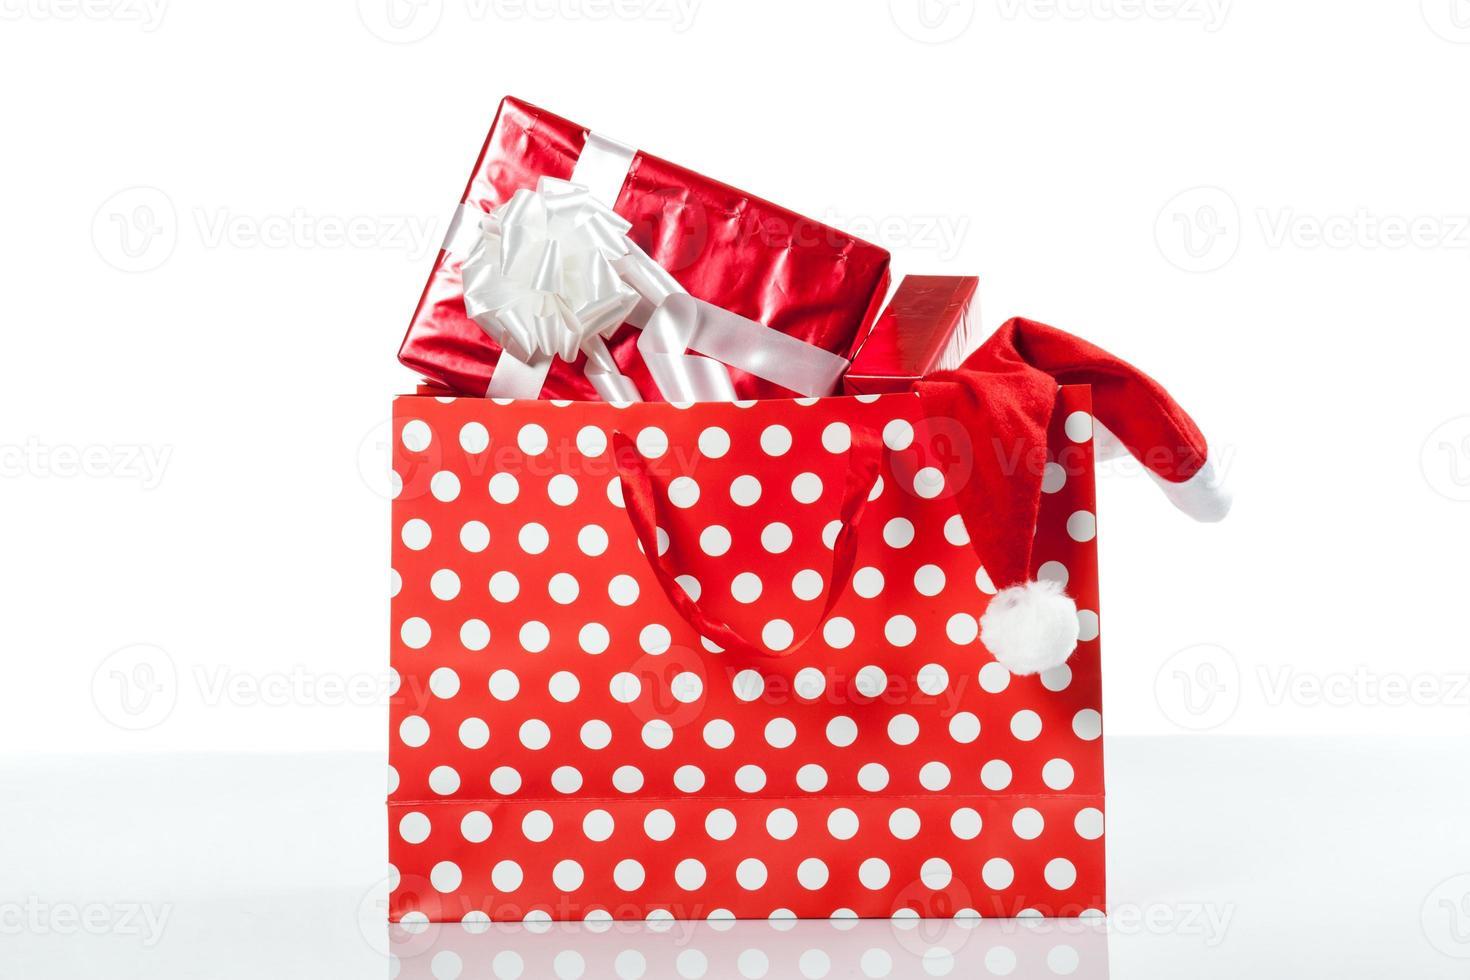 caixas de presente vermelhas e chapéu de natal em sacolas de compras foto